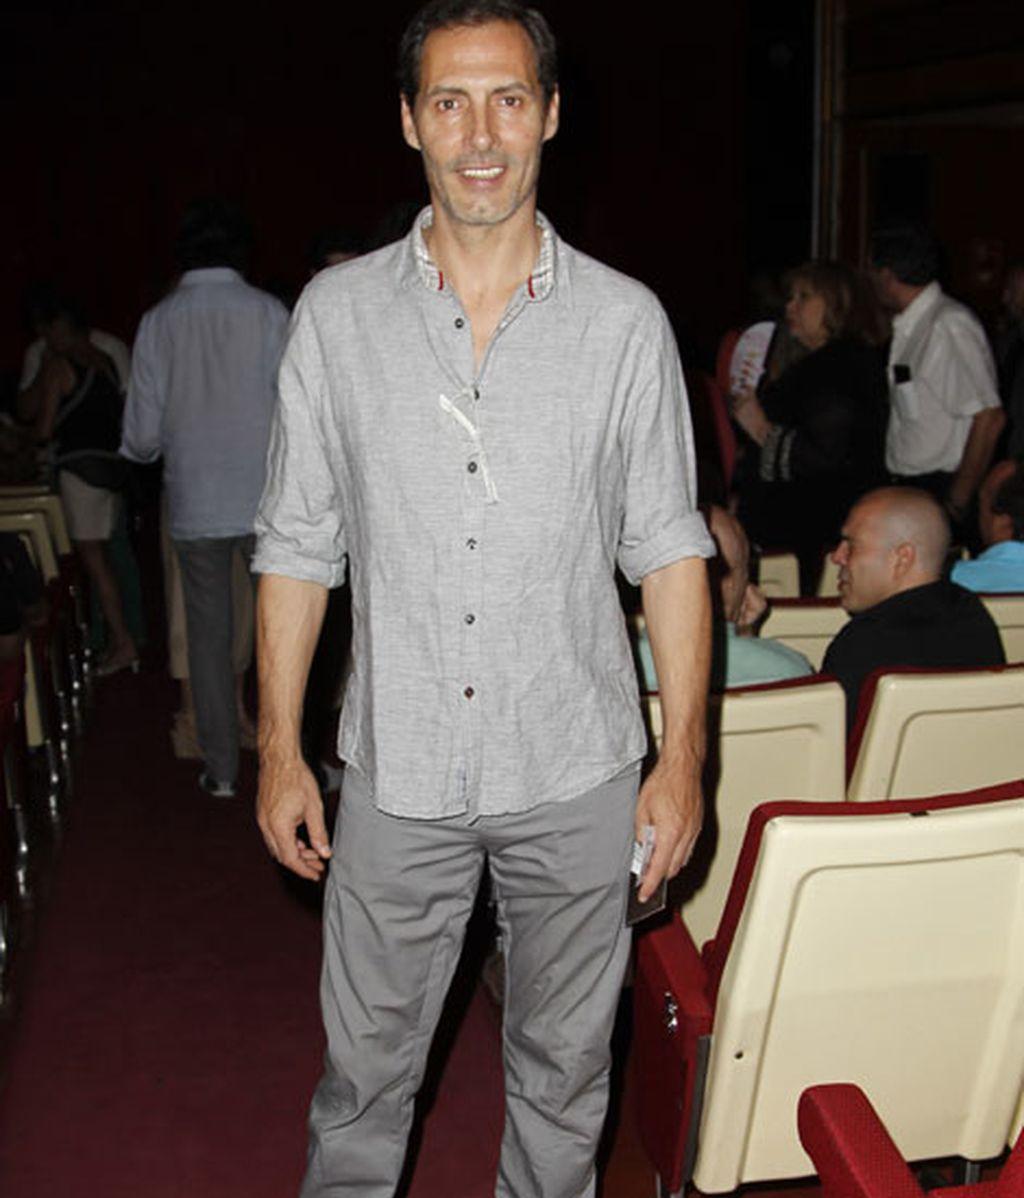 El actor Manuel Bandera acudió vestido de gris